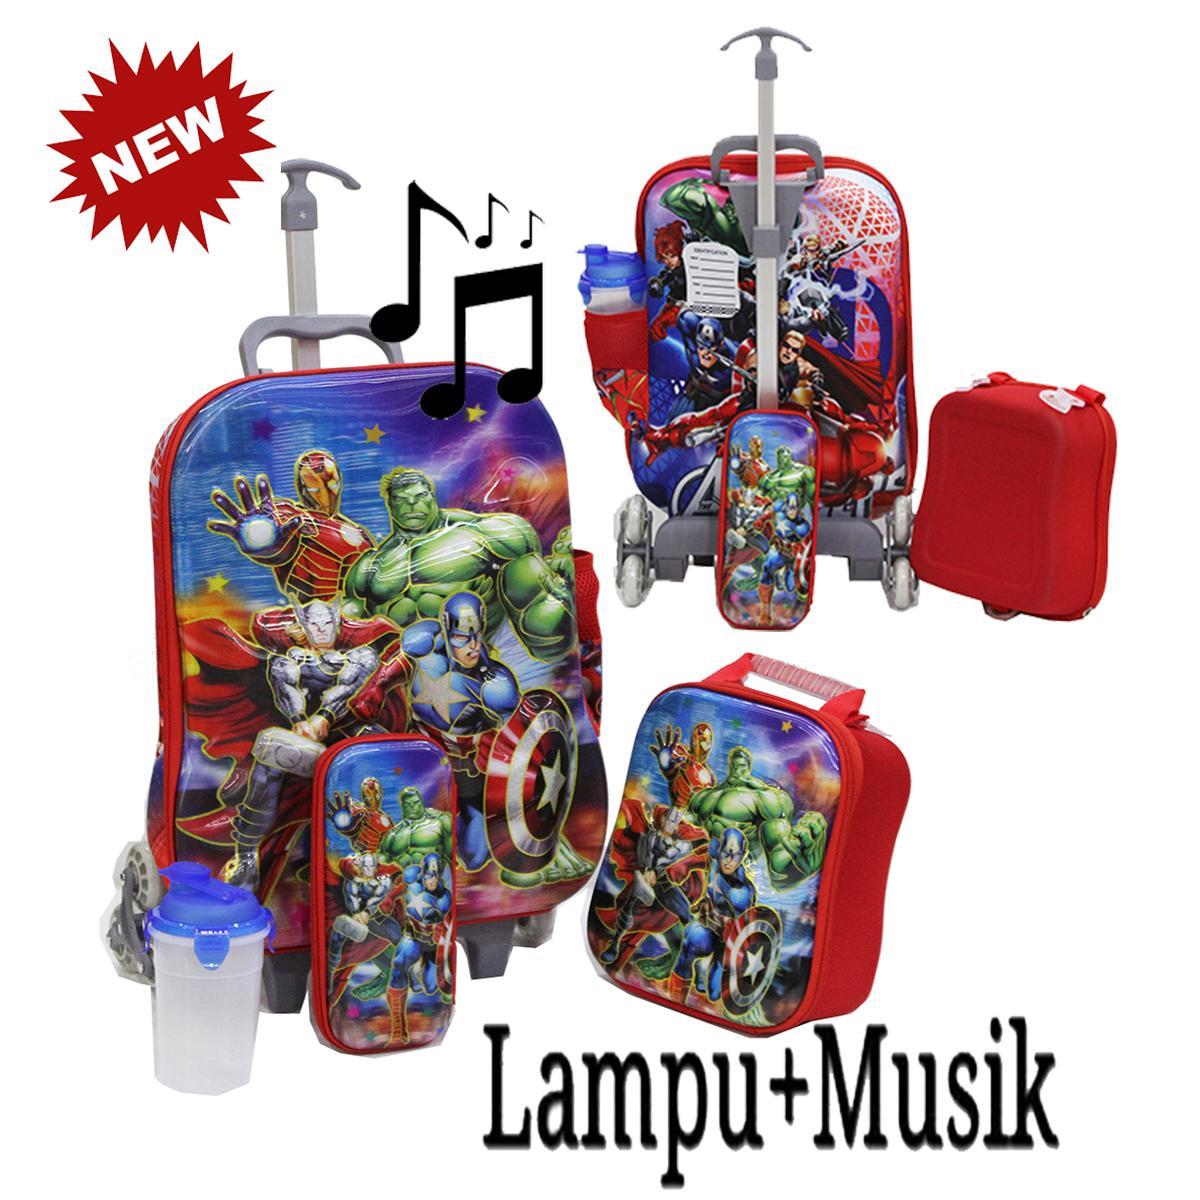 Onlan KOPER SET 6 Roda Tas 4in1 Anak Sekolah SD Motif Karakter AVENGERS Super Hero 5D Hologram ada  LAMPU DAN MUSIC Import ( KODE MM )